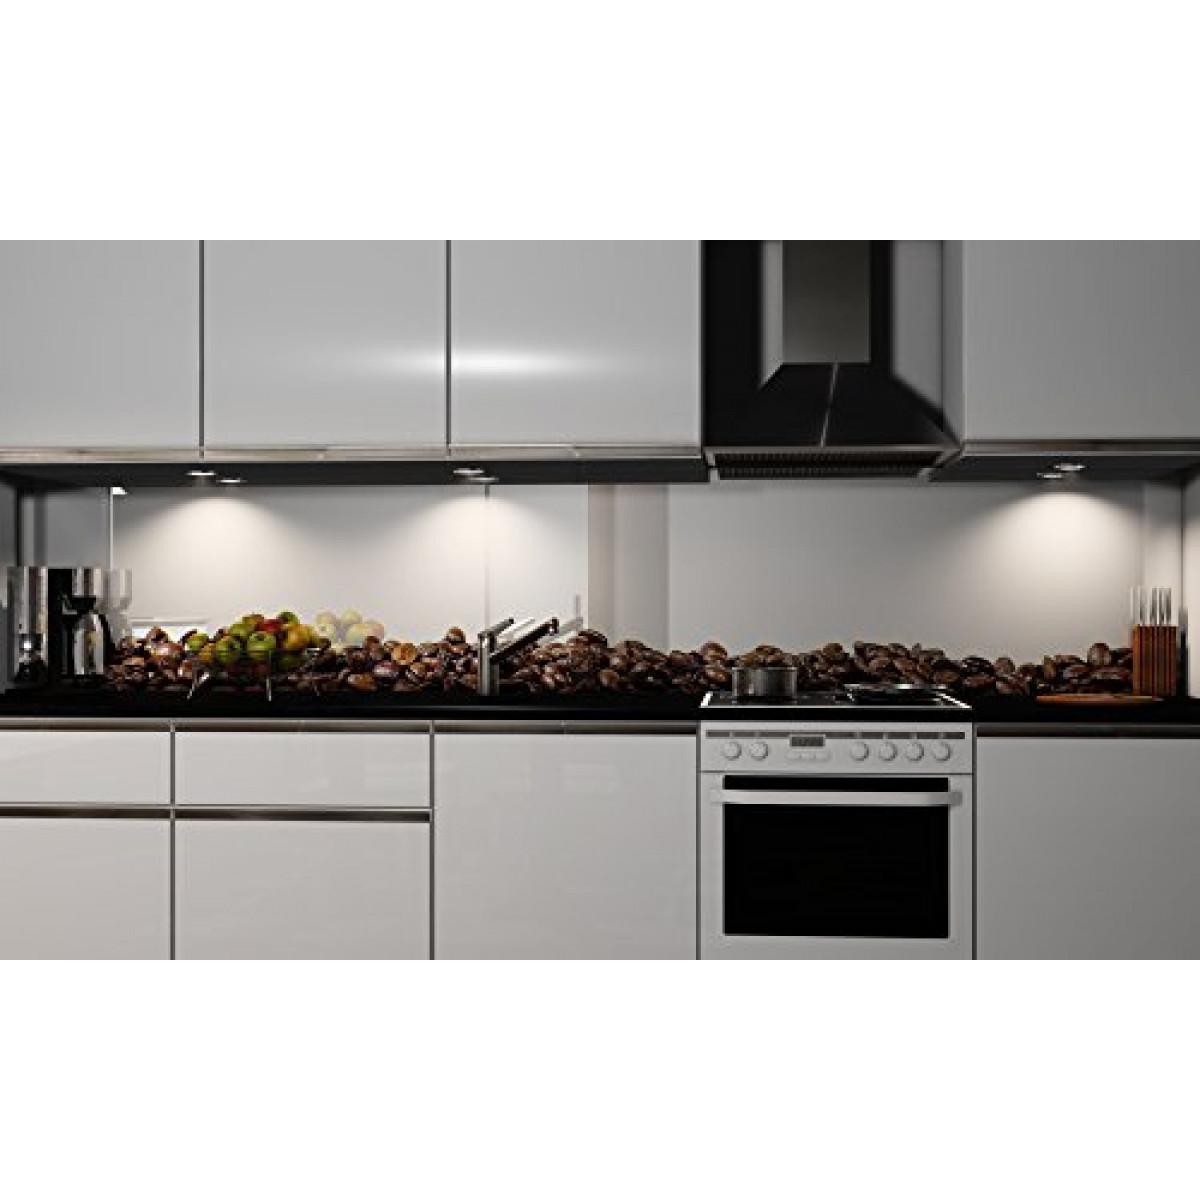 Spritzschutz Küche  Küchenrückwand Folie selbstklebend Kaffee Klebefolie in